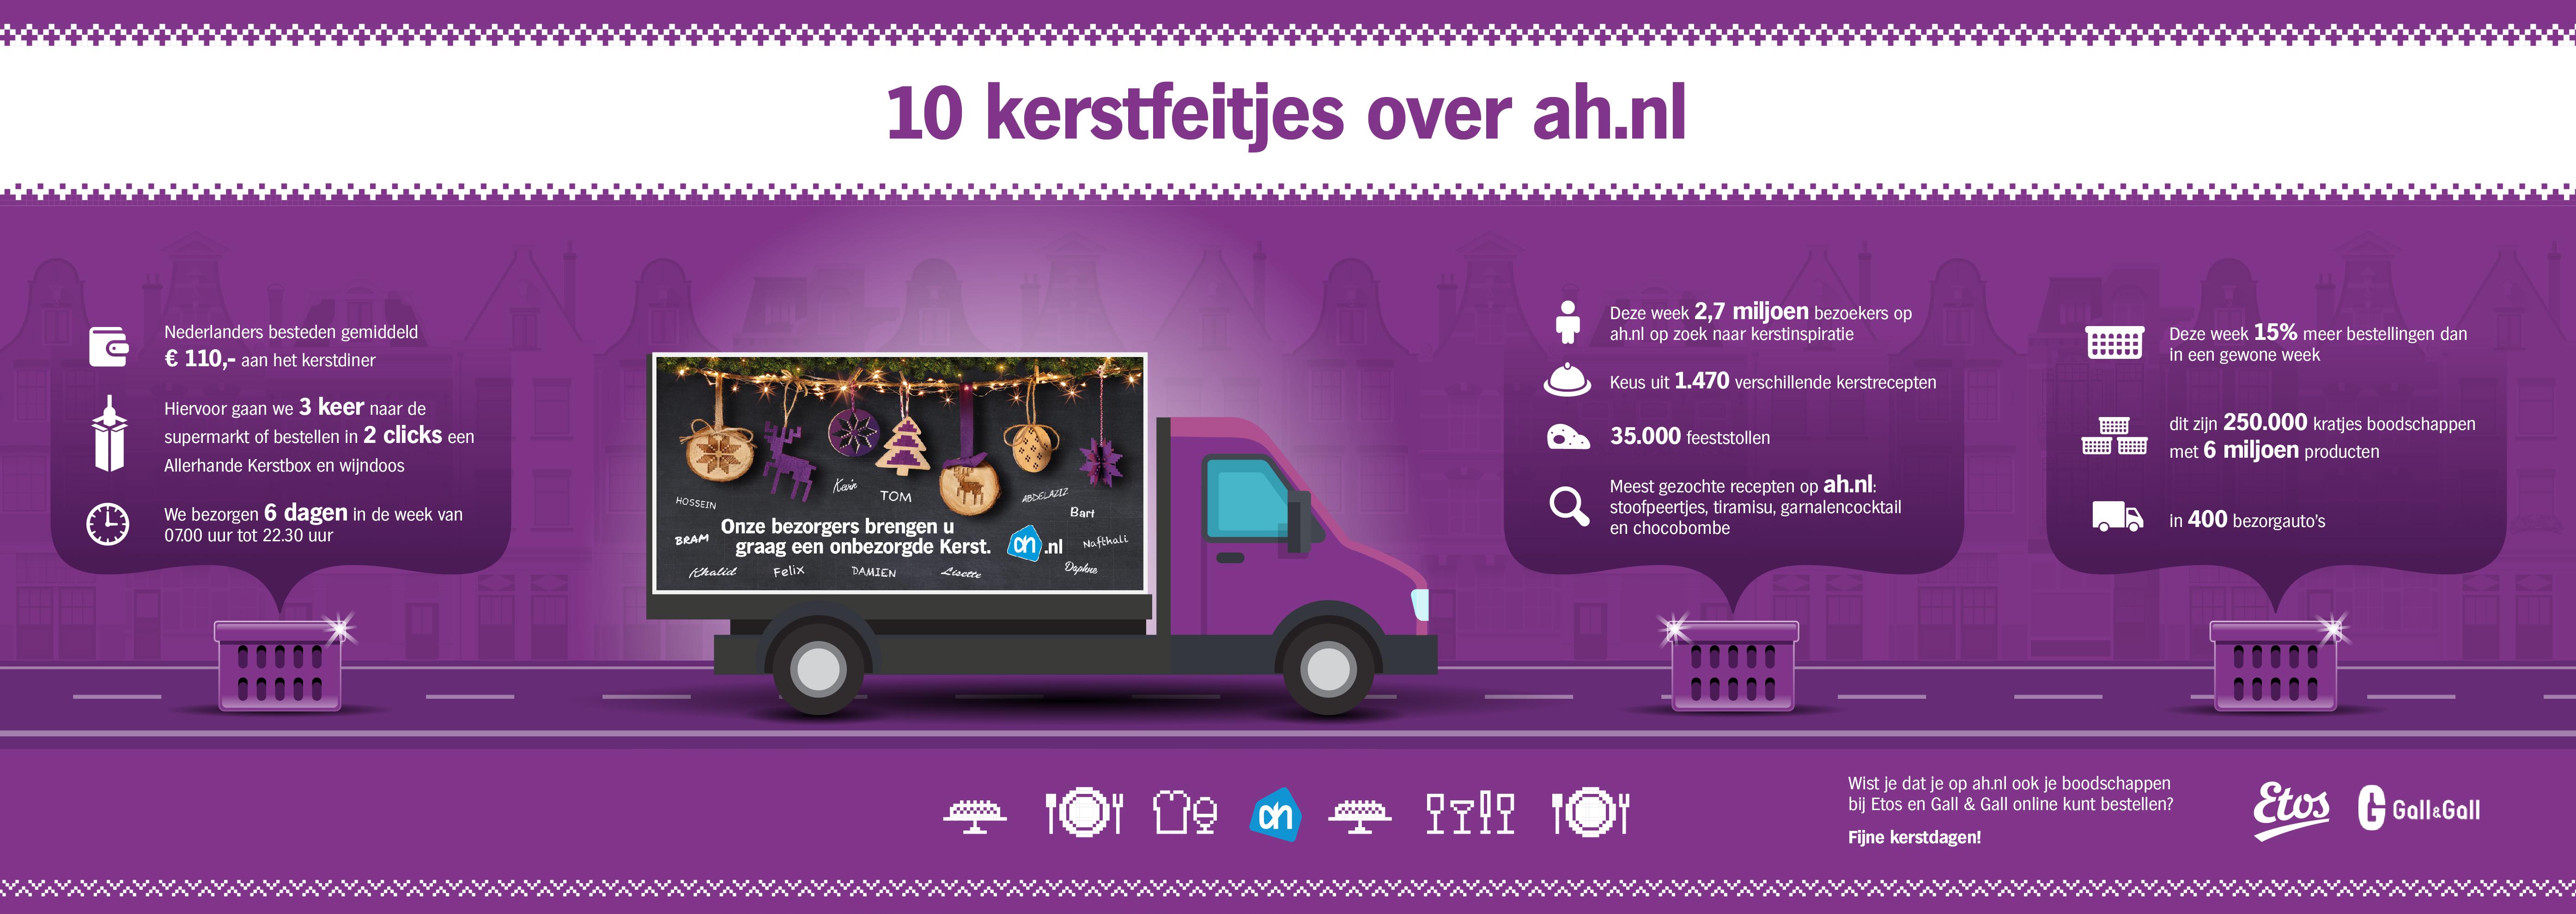 Ah Nl Kerst.Infographic Ah Nl Bezorgde Met Feestdagen 6 Miljoen